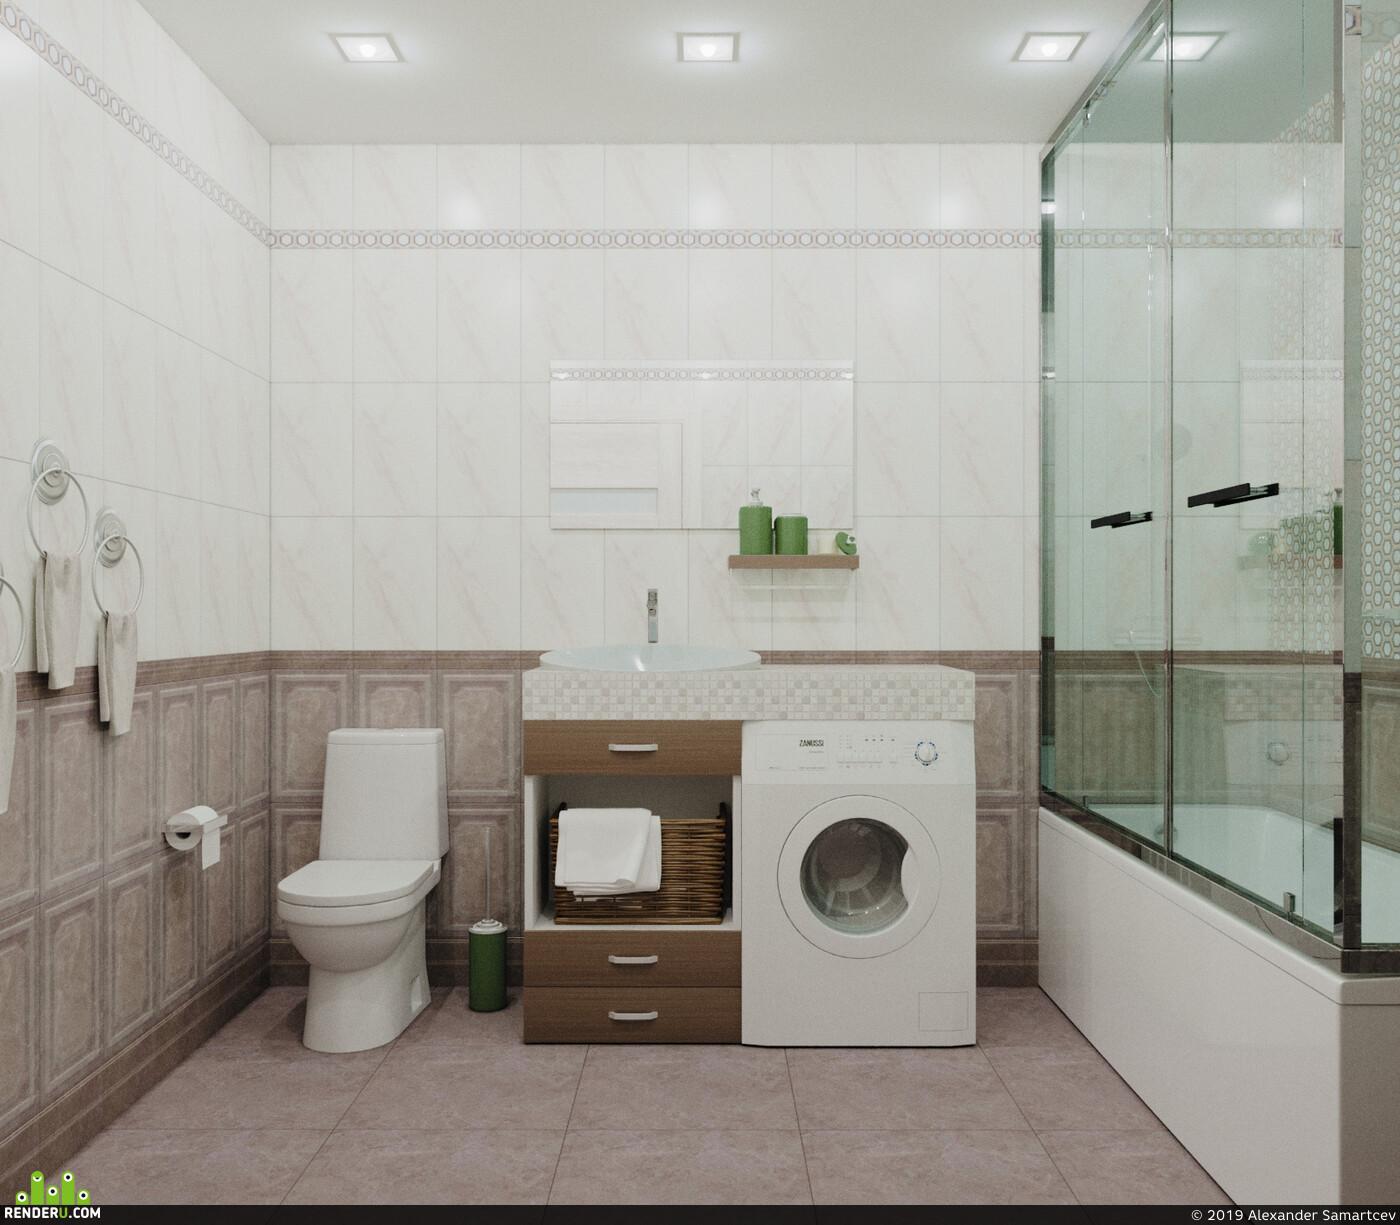 Ванна, ванная комната, санузел